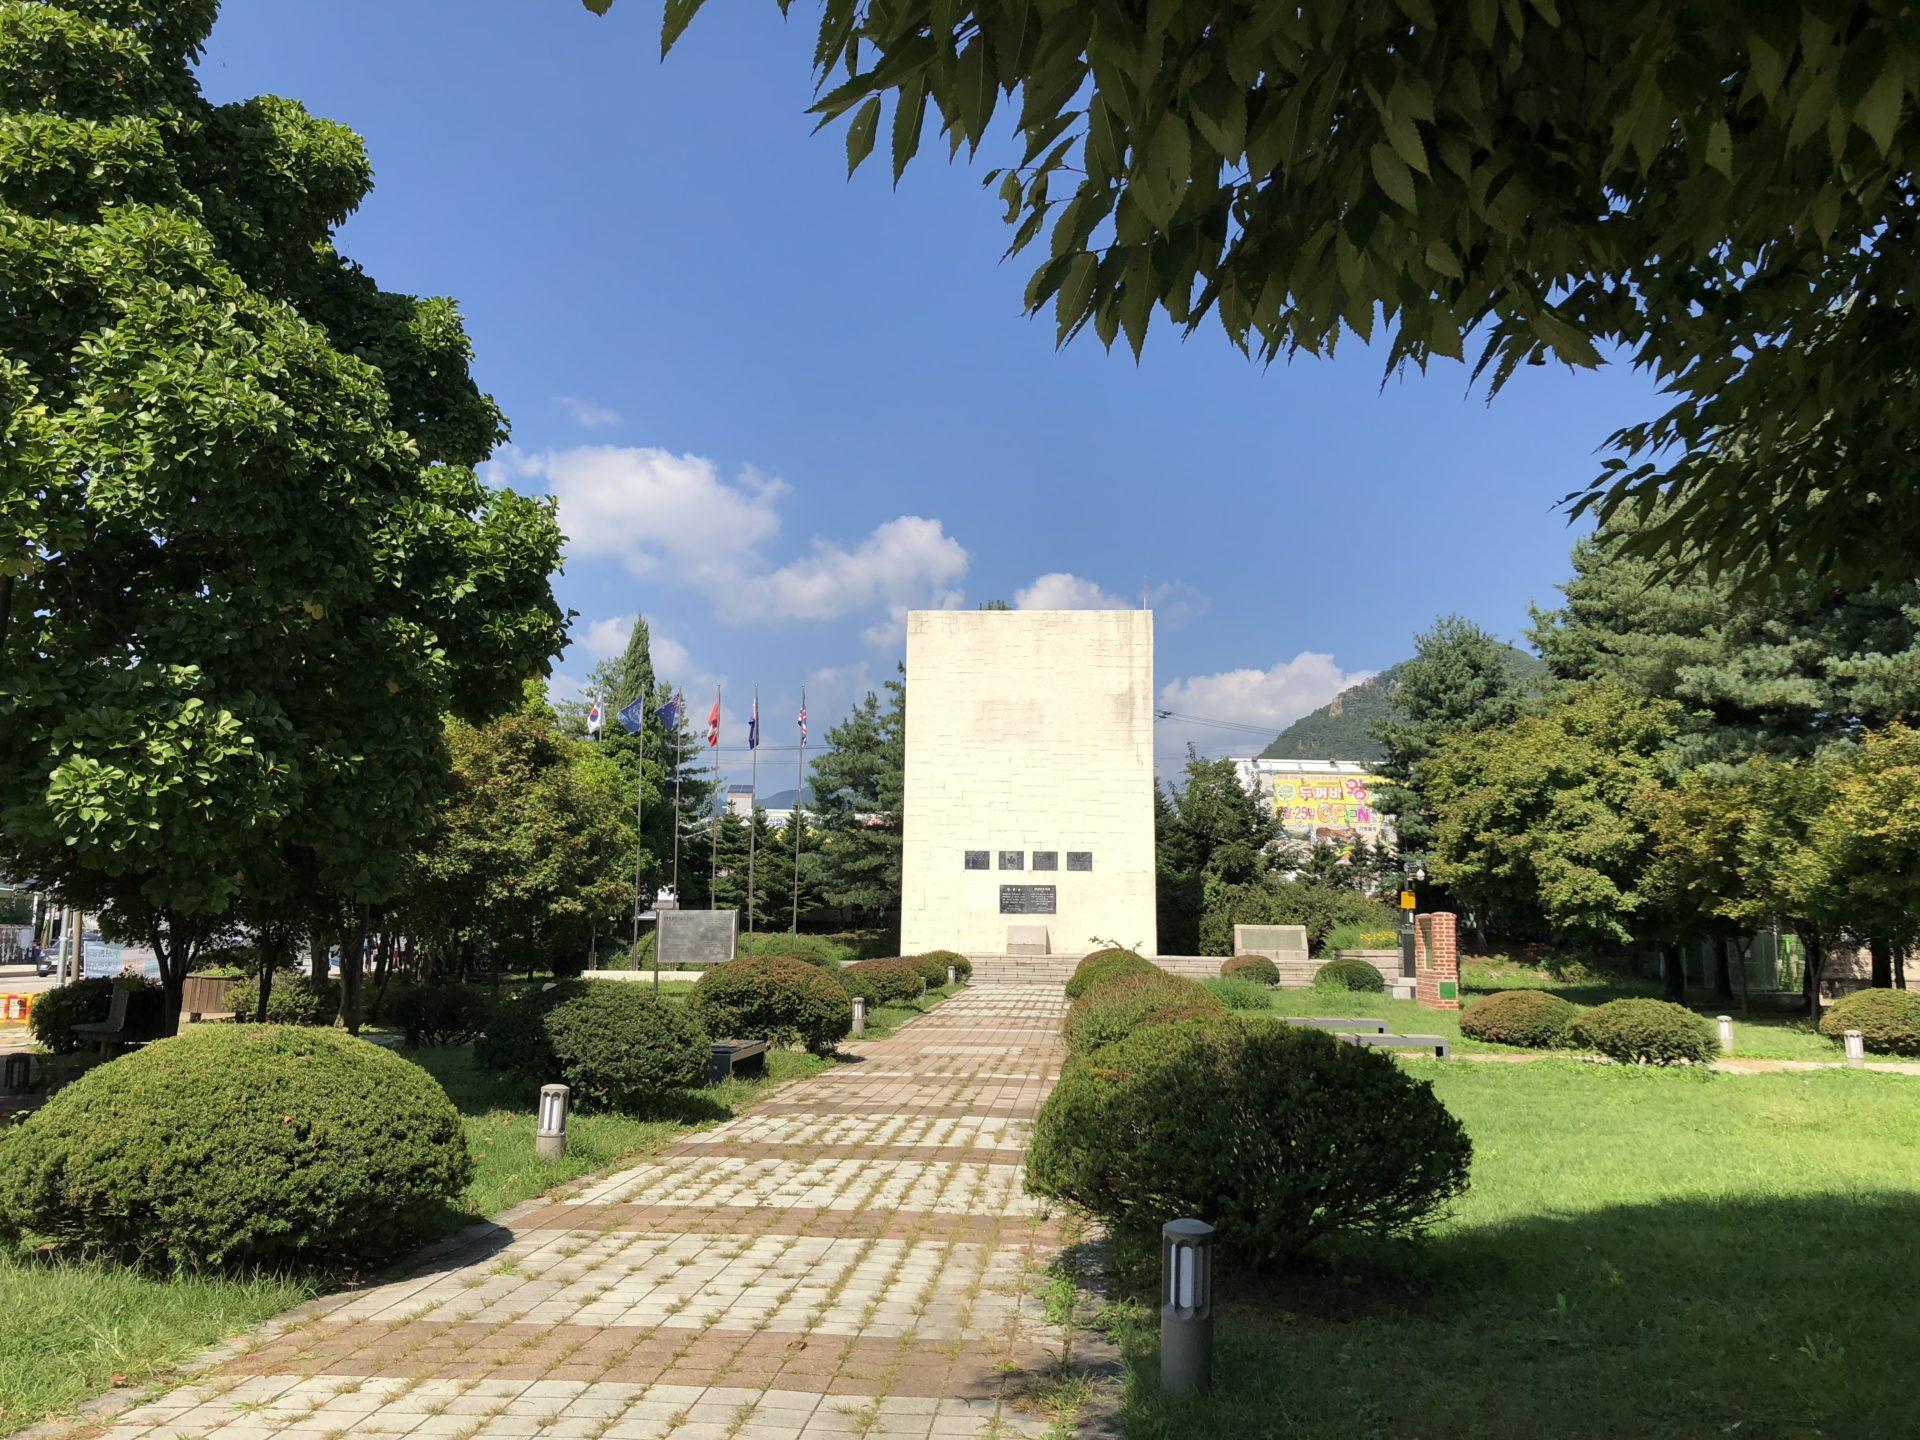 Gapyeong-eup